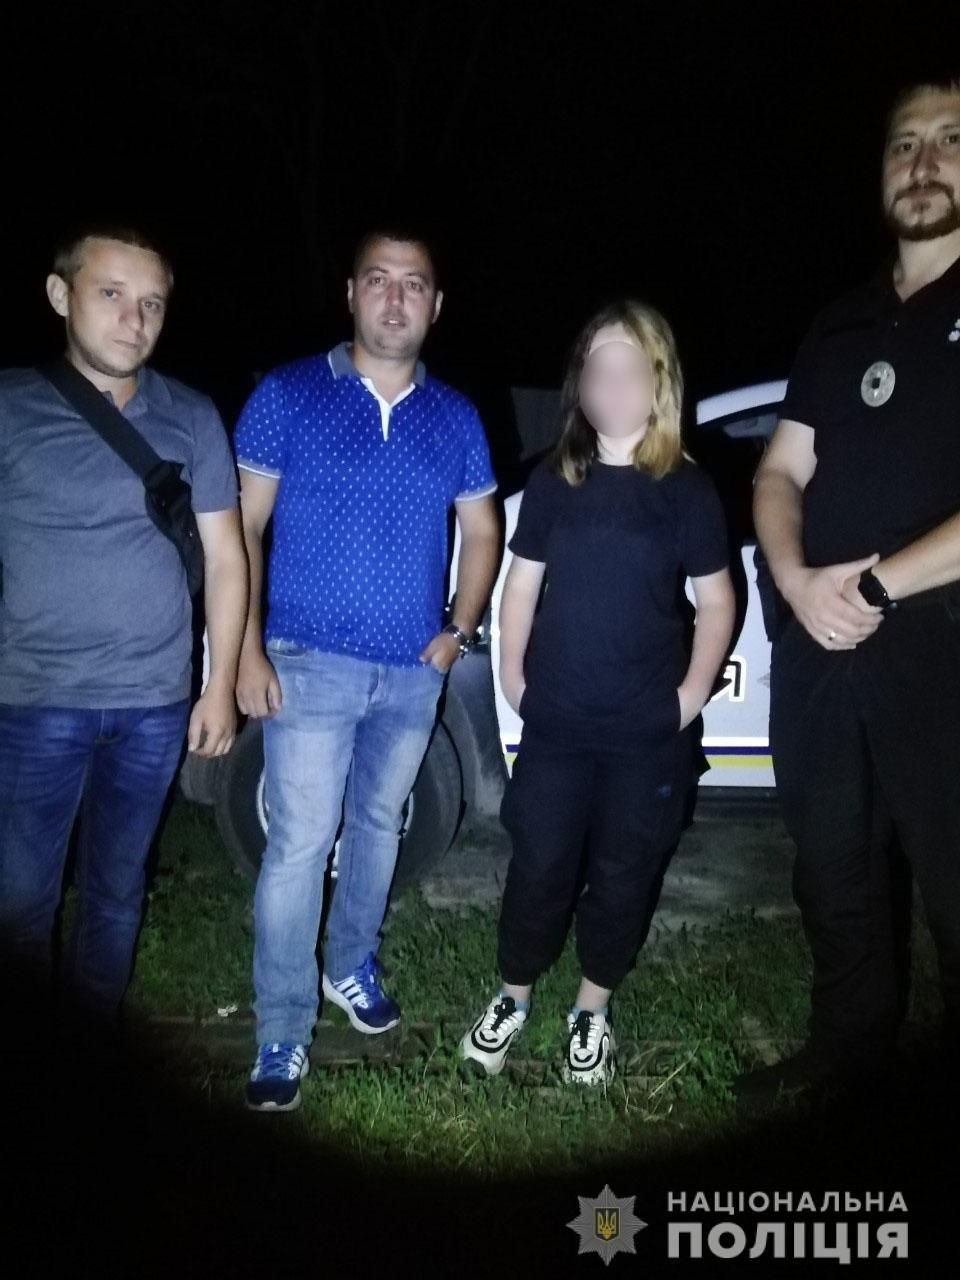 """""""Гостила у подруги"""": полицейские разыскали пропавшего подростка, - ФОТО, фото-1"""